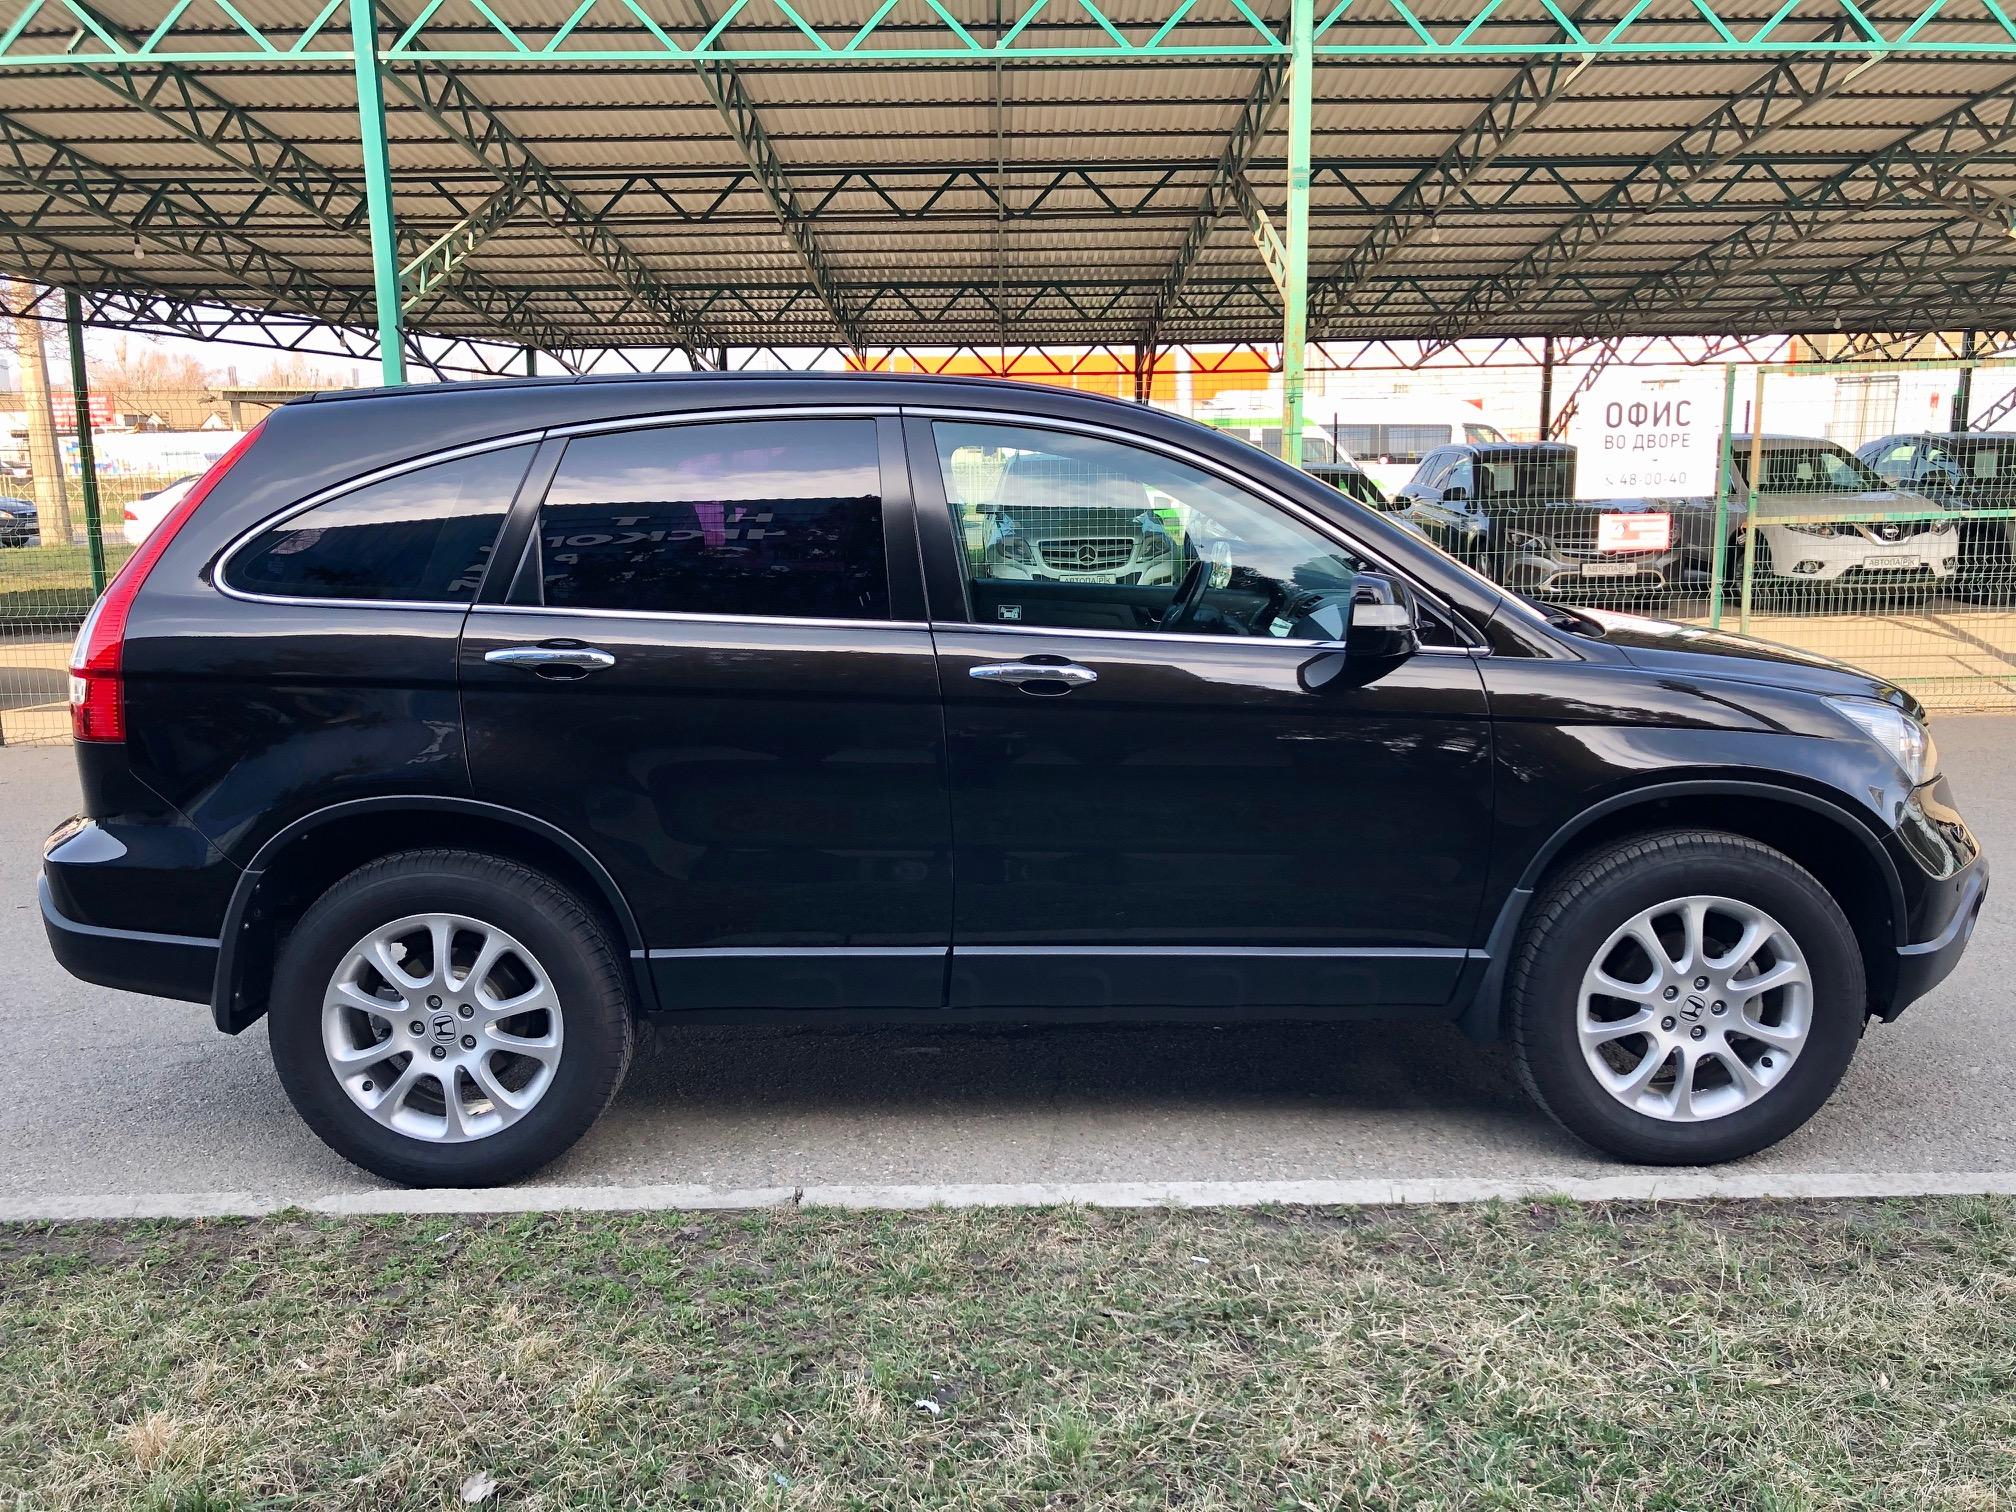 Купить Honda CR-V (Коричневый ) - Автопарк Ставрополь